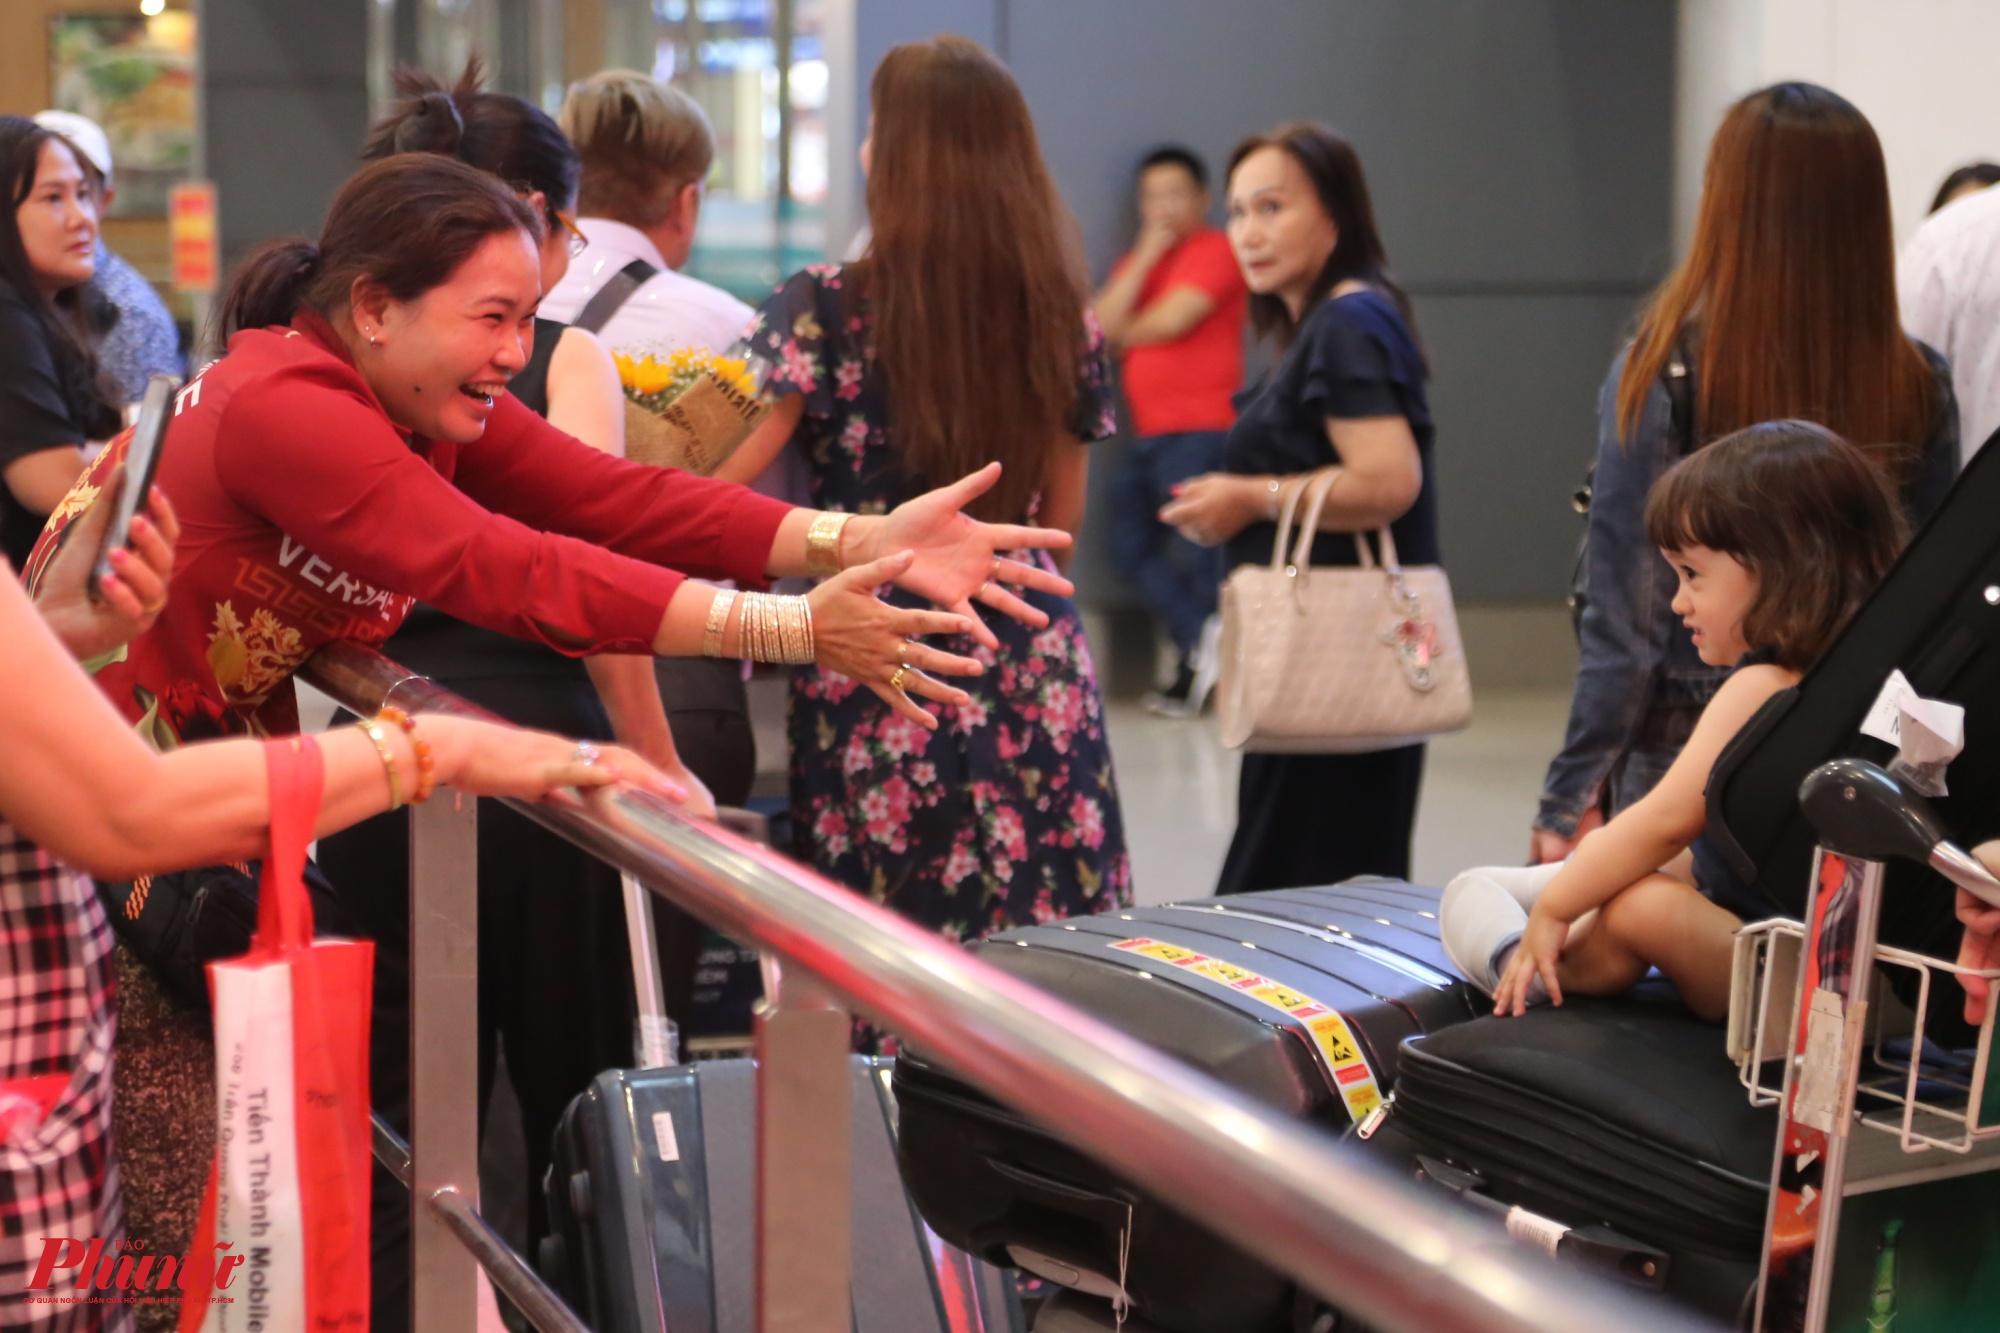 Chị Minh Ngọc (quê Sóc Trăng) vui mừng ôm đứa cháu ngoại từ Úc về Việt Nam để ăn Tết, chị chia sẻ: Lâu lắm rồi không gặp con cháu nên nay đi đón rất mong đợi, gặp con về nhà ăn tết là tôi vui lắm rồi.